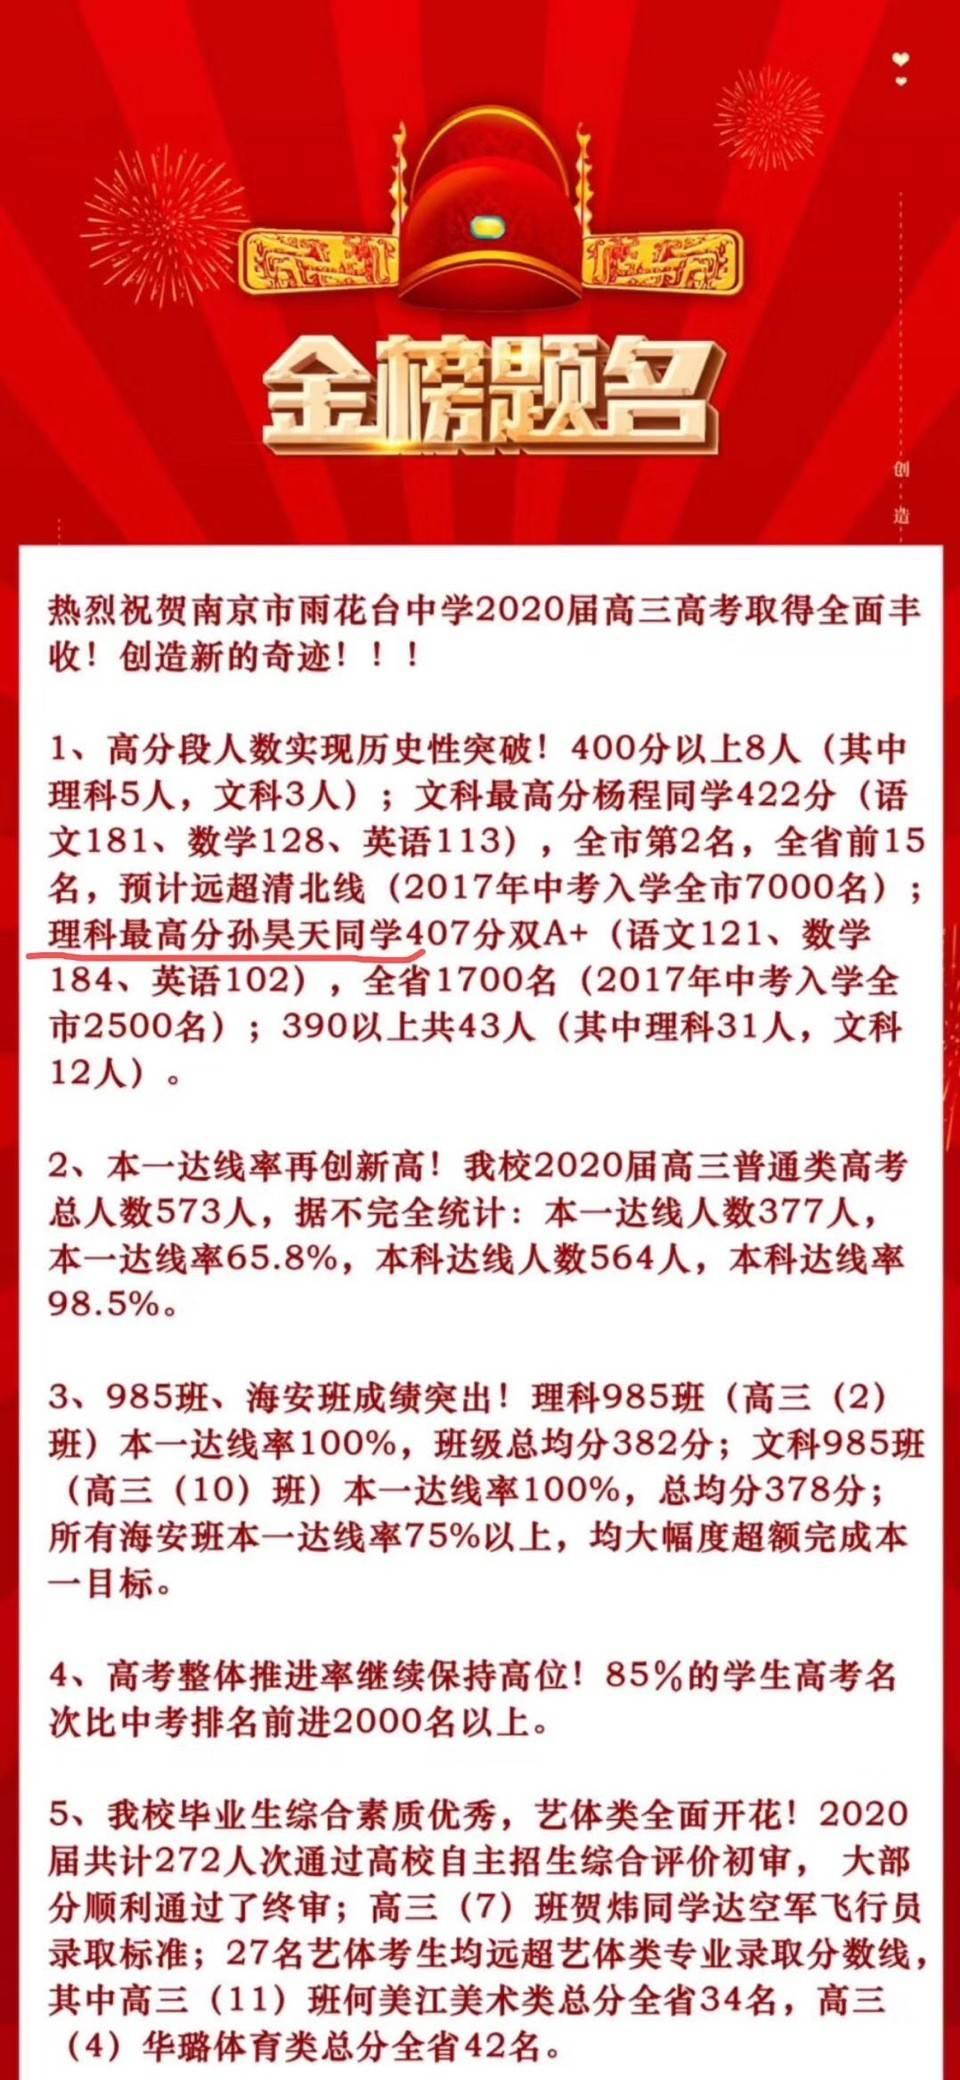 2020-07-25 15.16.10.jpg